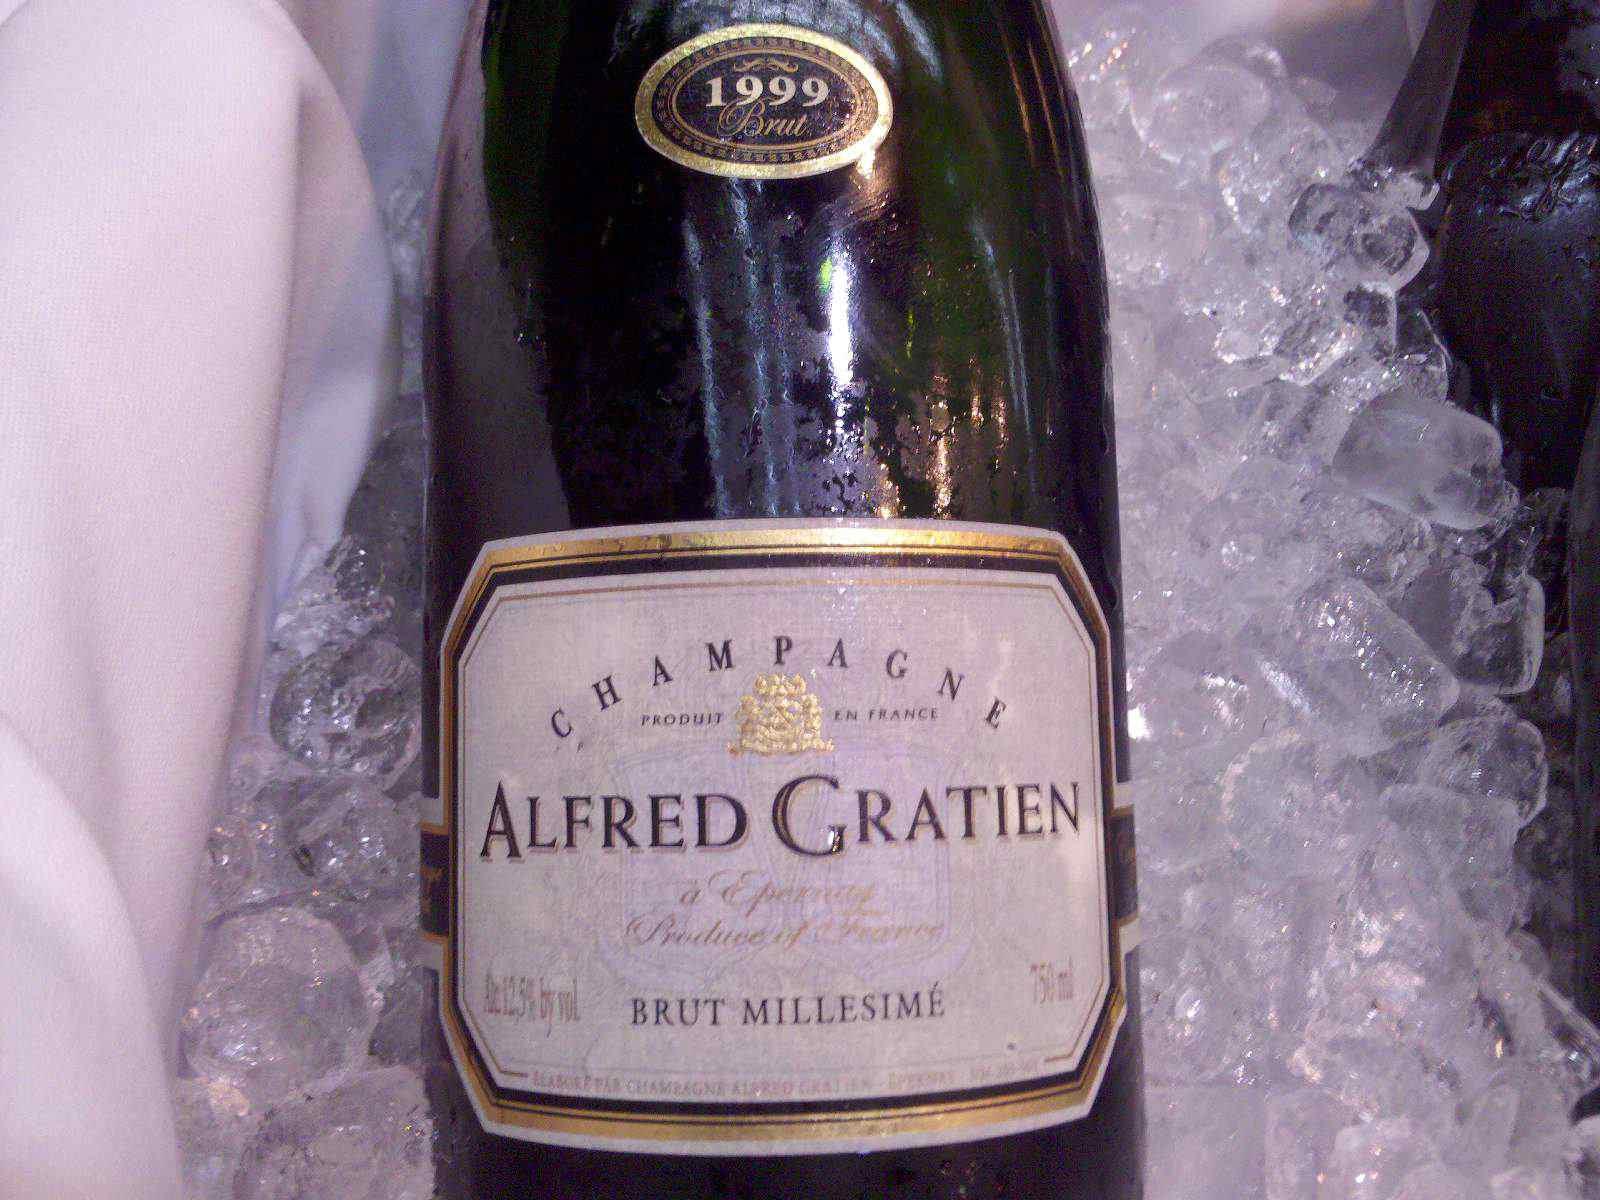 1999 Alfred Gratien Brut